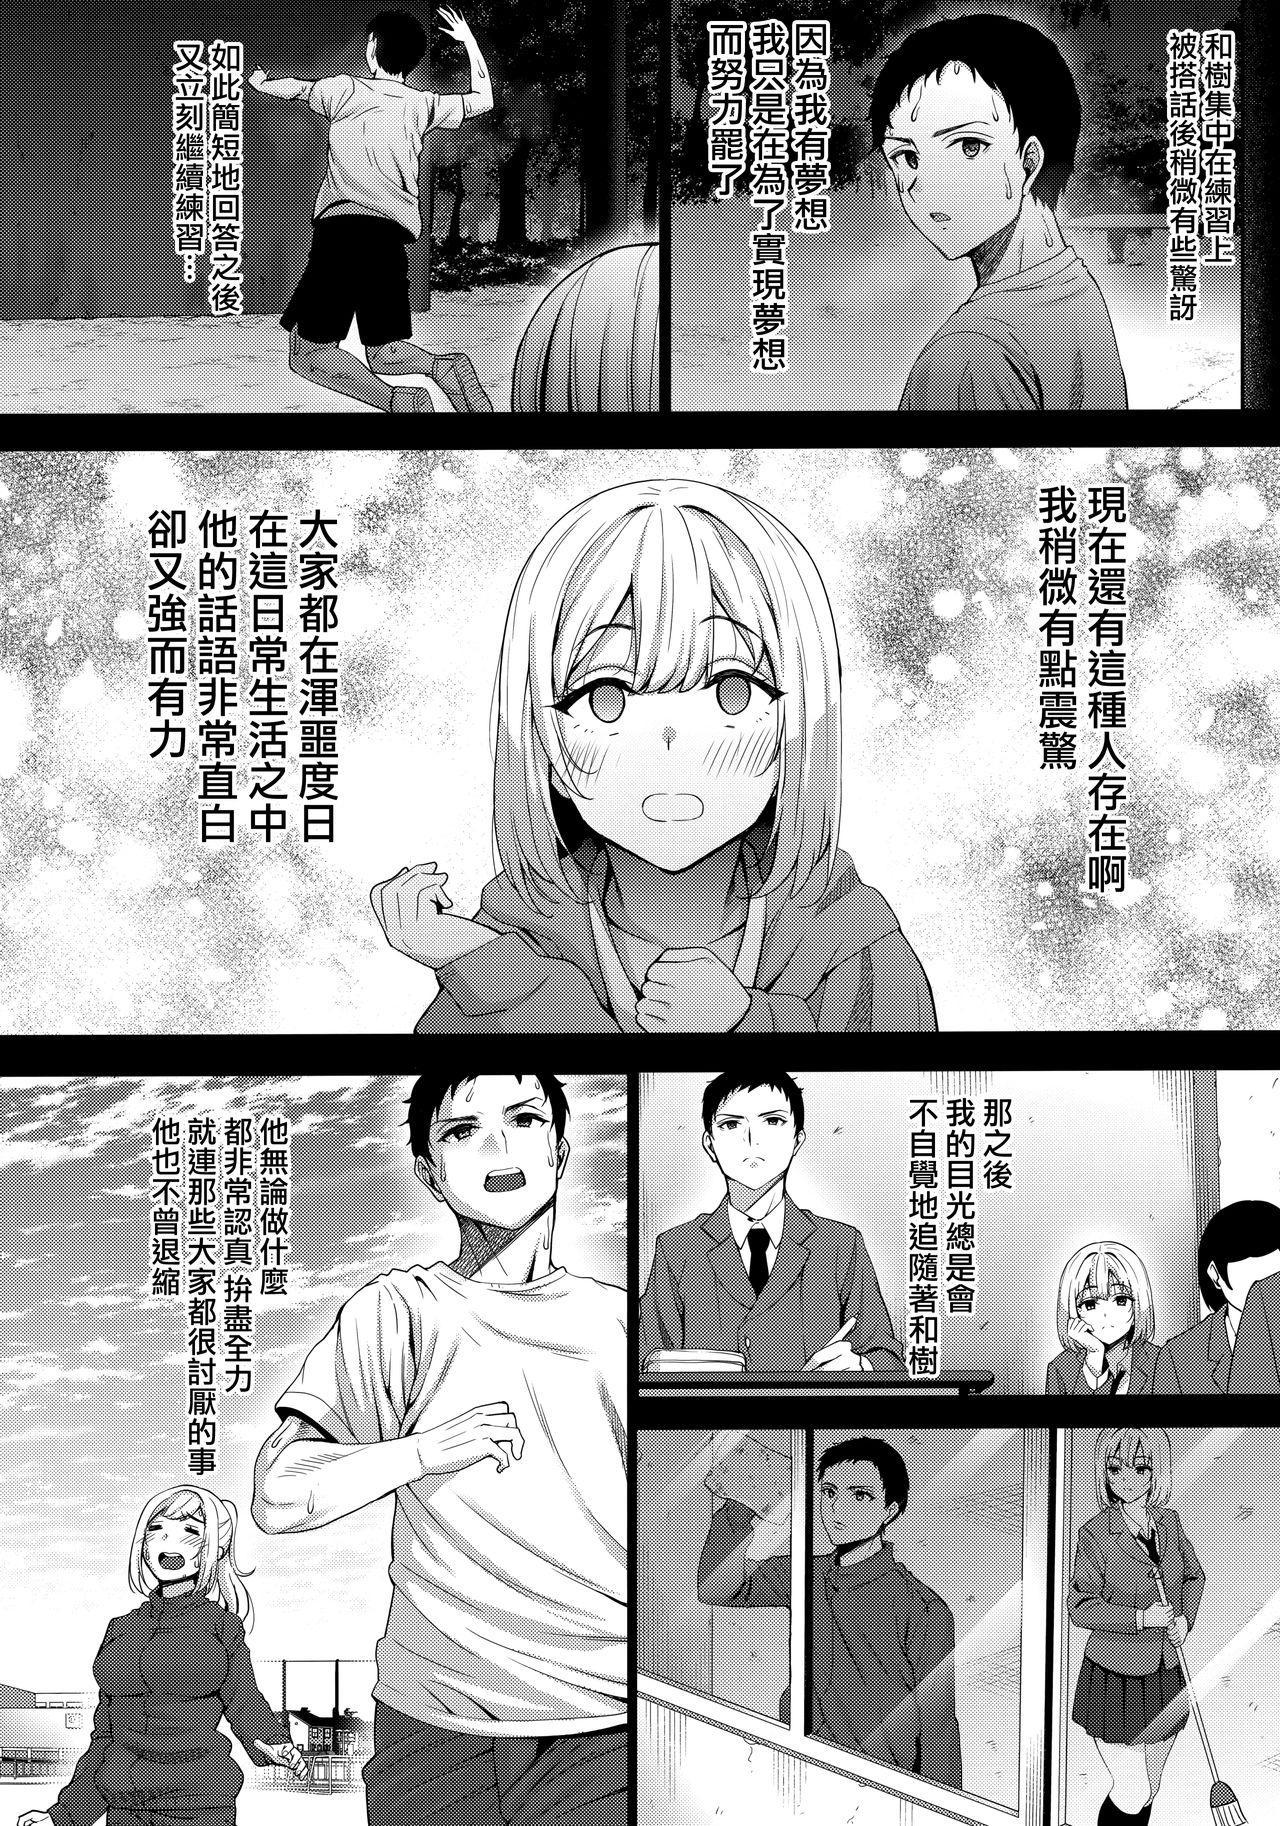 Anata no Negai ga Kanaimasu you ni. 8